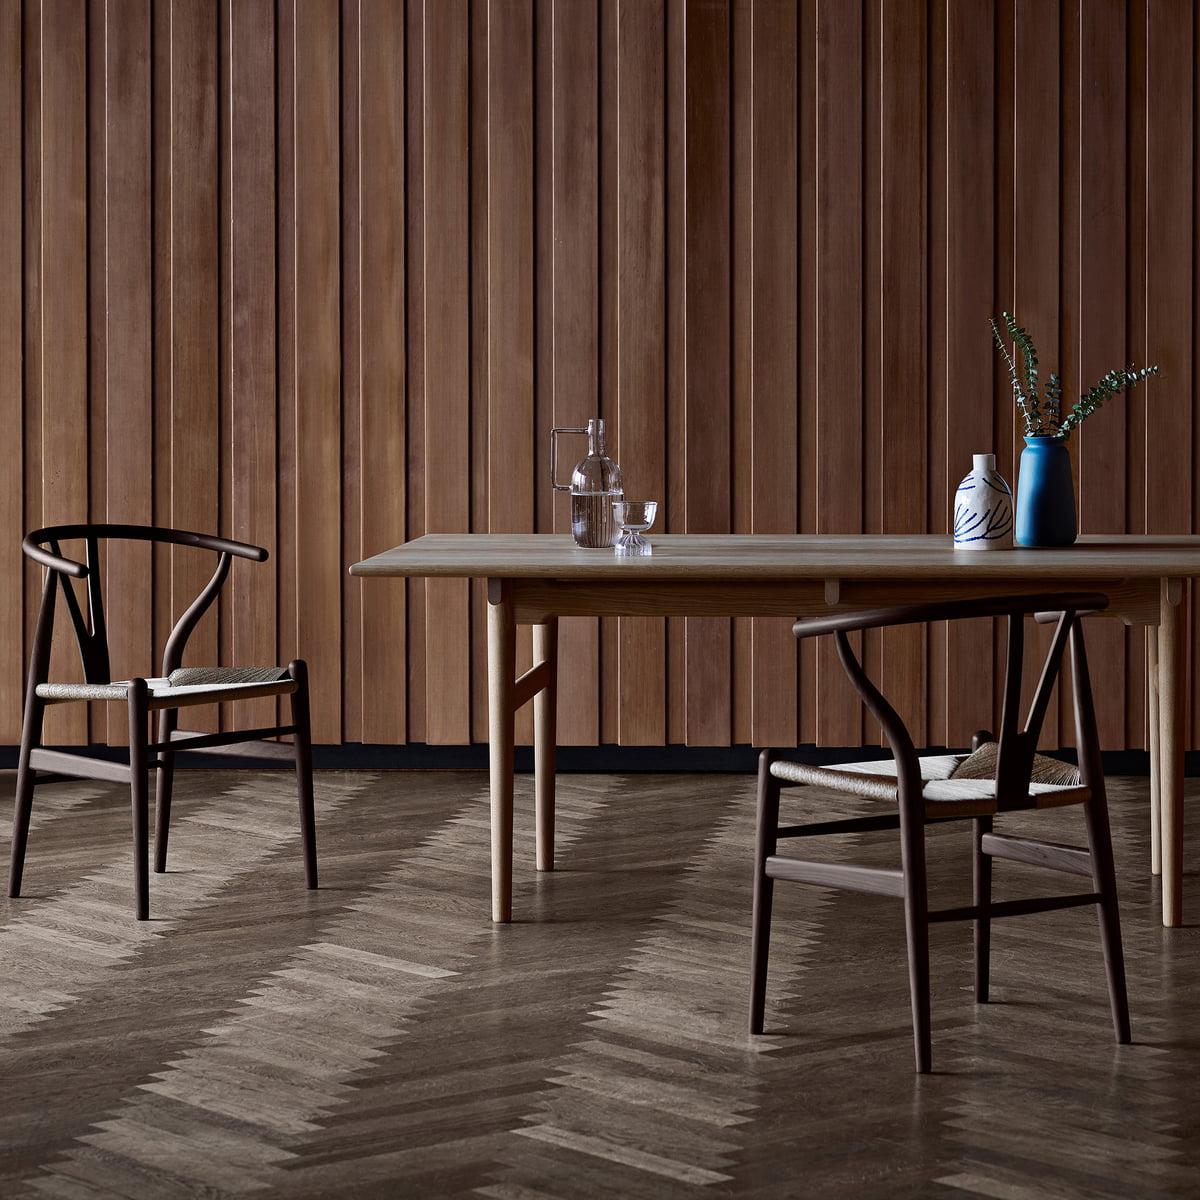 Der Carl Hansen   CH24 Wishbone Chair, Eiche Dunkel / Naturgeflecht